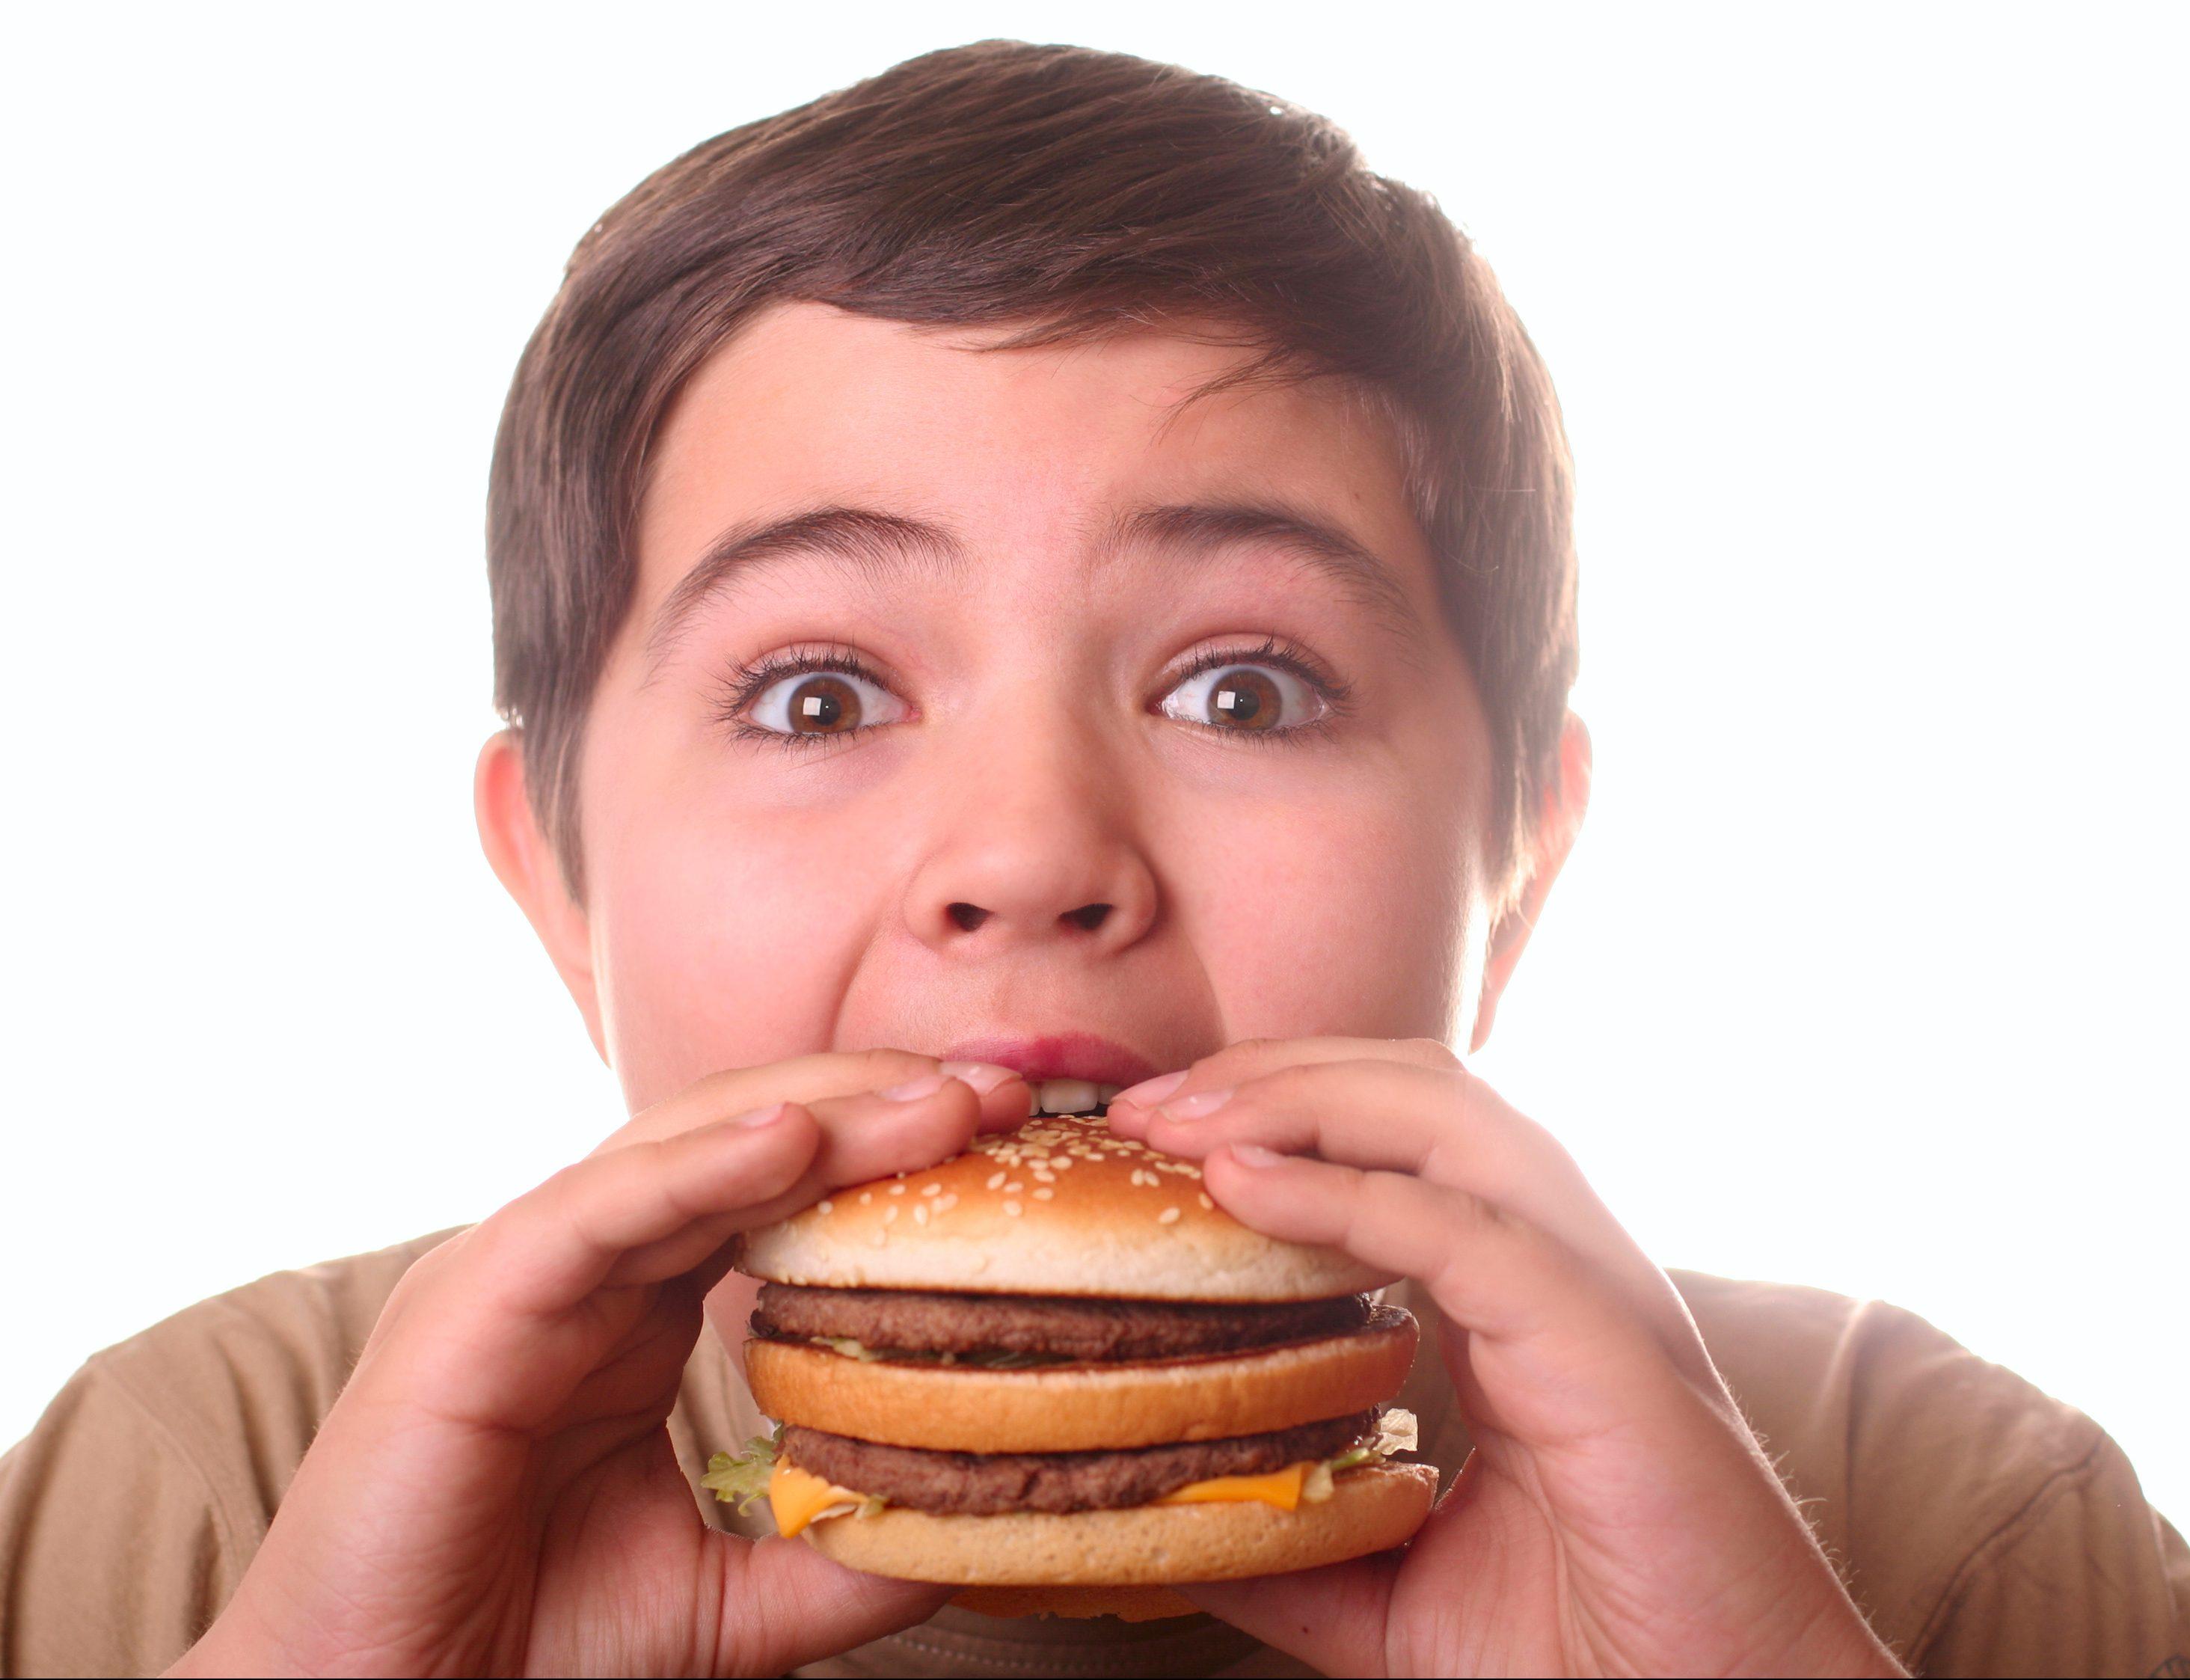 Gece Yemek Yemek : Zararları ve Tedavisi